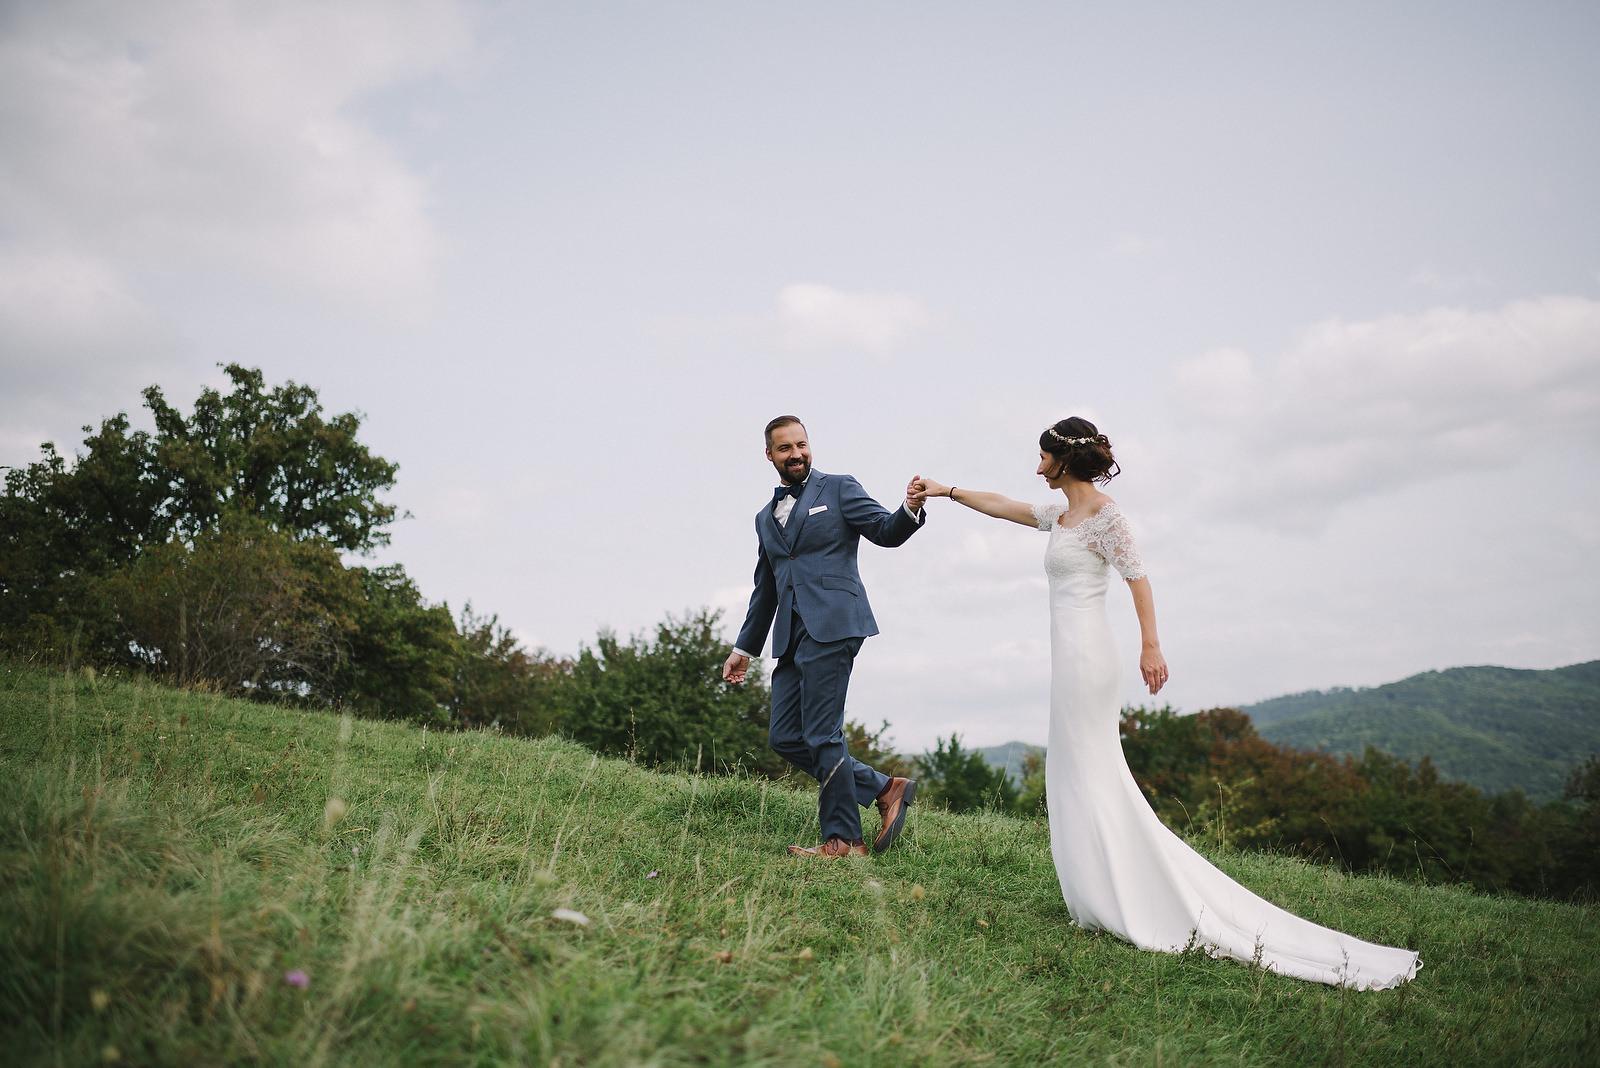 Fotograf Konstanz - Hochzeitsfotograf Reutlingen Achalm Hochzeit EFP 23 - Documentary wedding story on the Achalm, Reutlingen  - 17 -